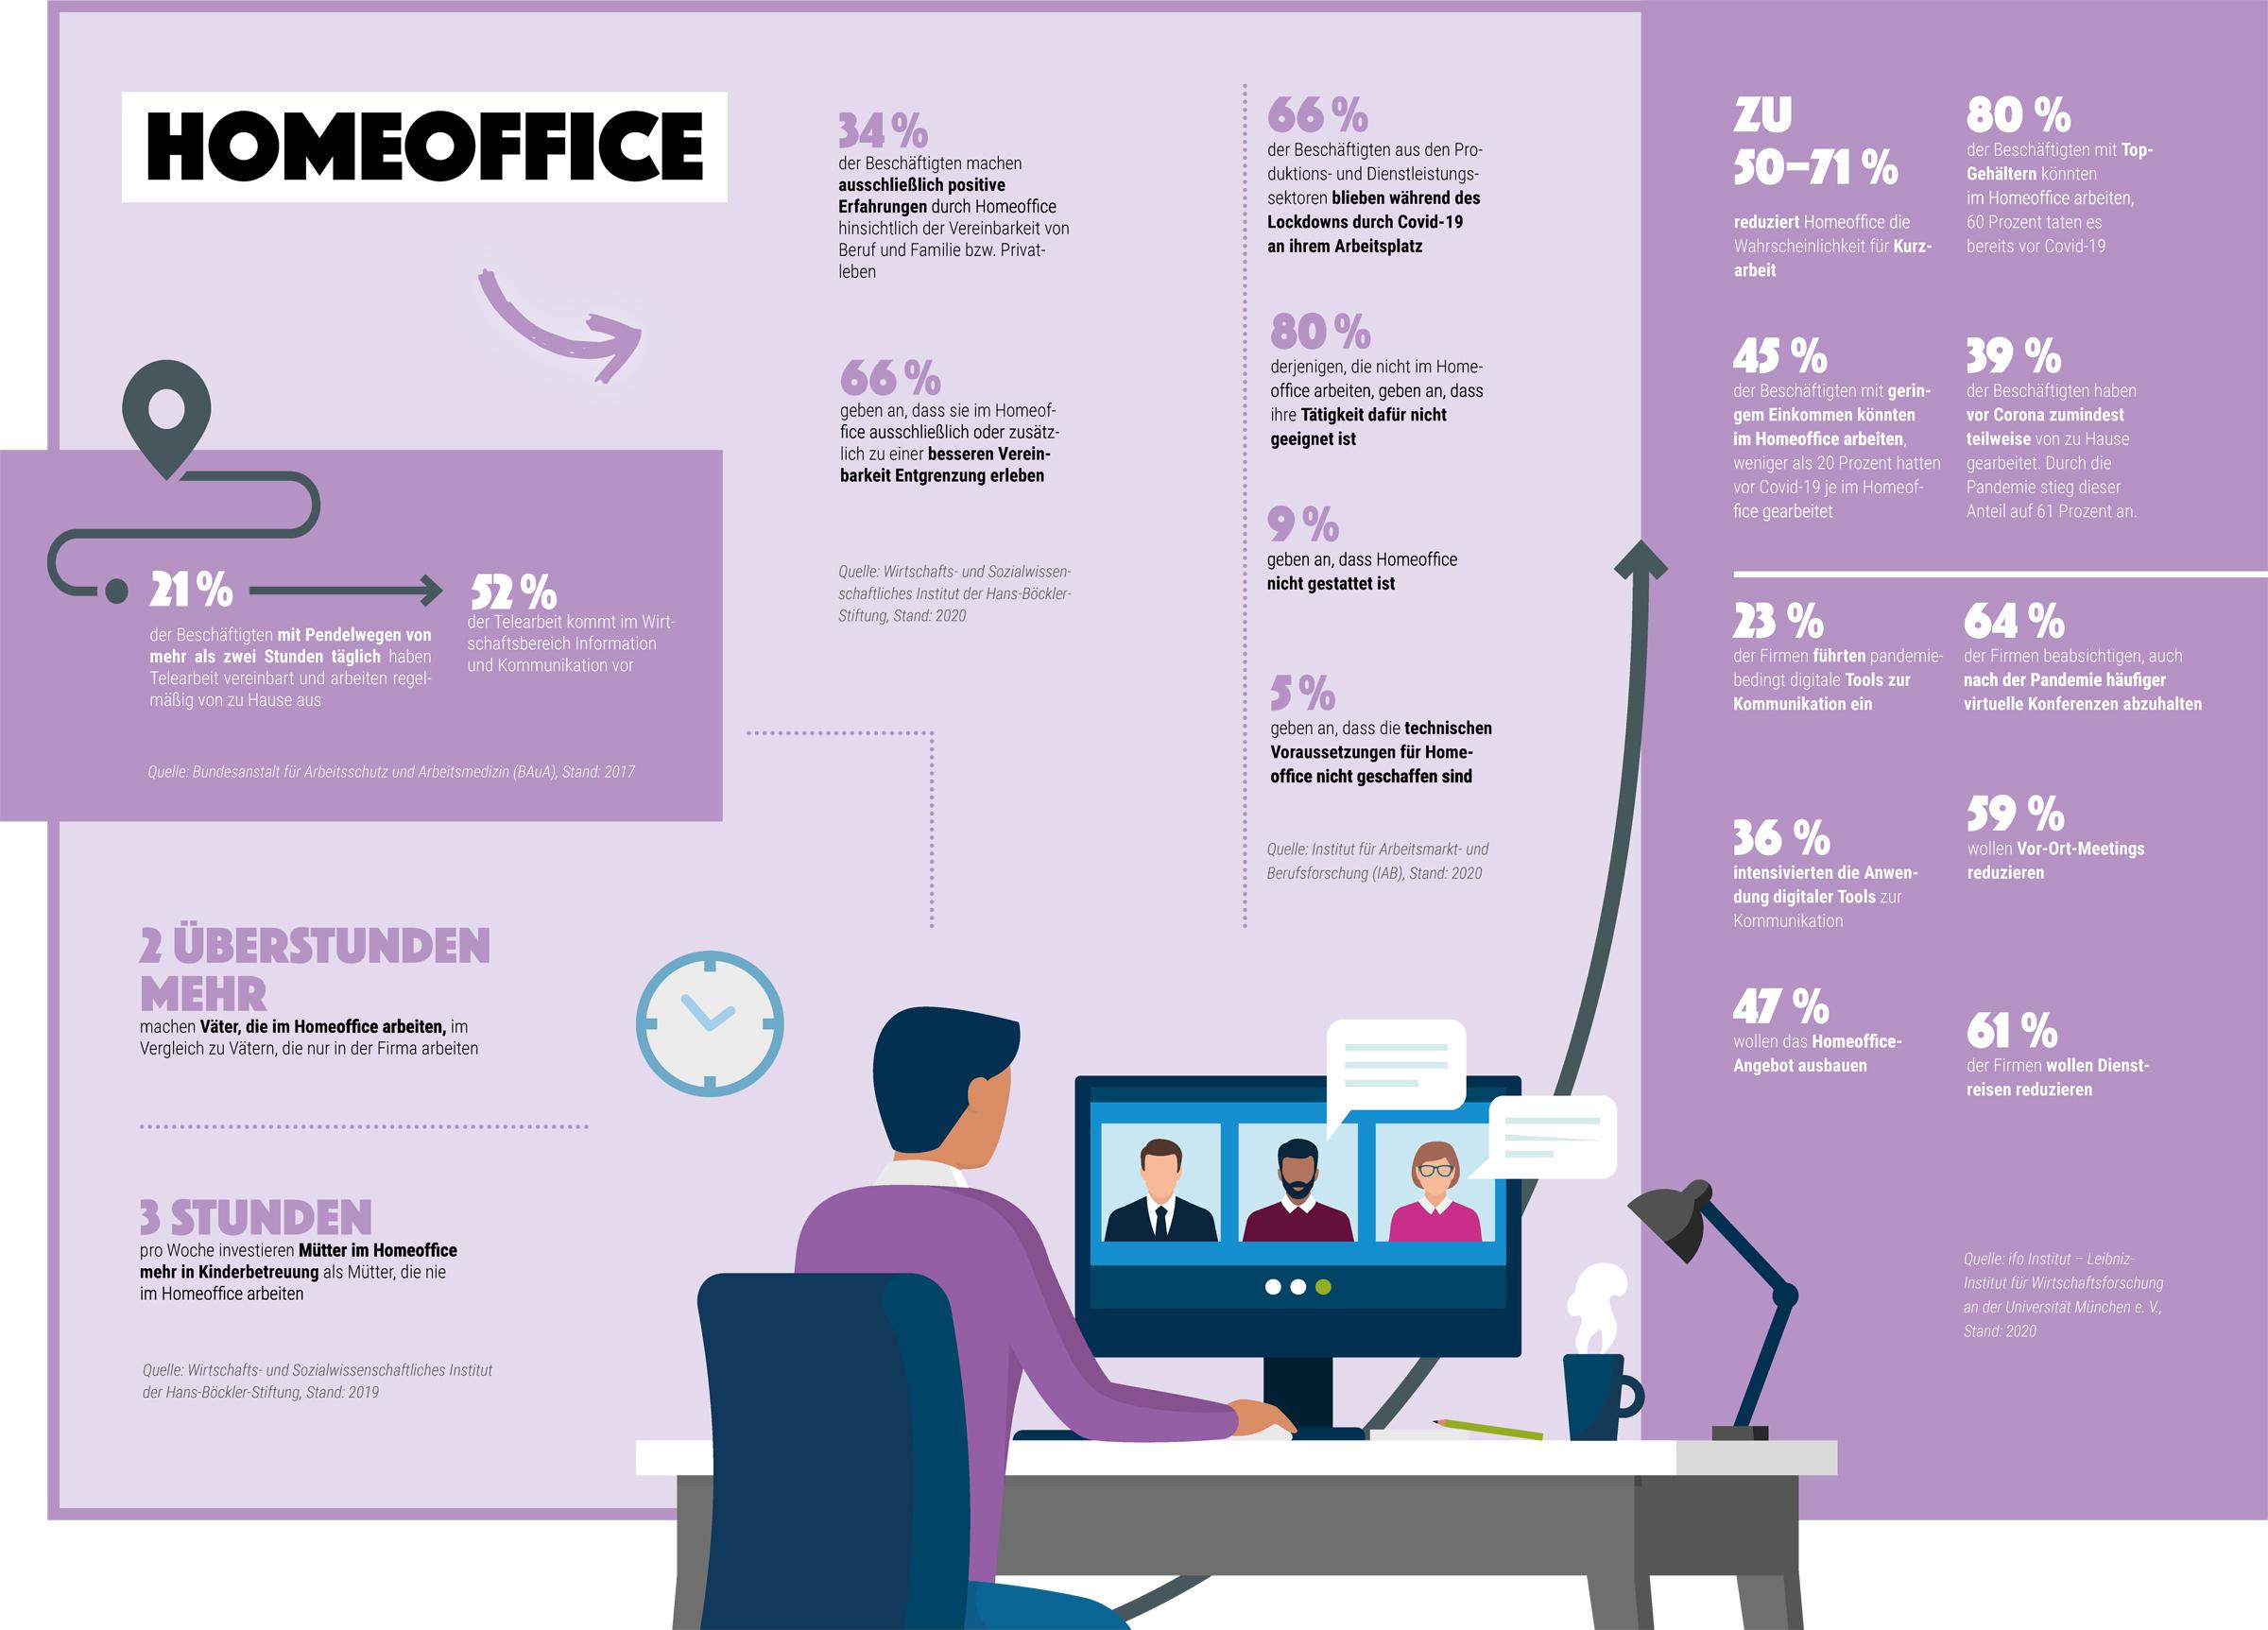 Grafik: Statistik zur Arbeitsorganisation im Homeoffice